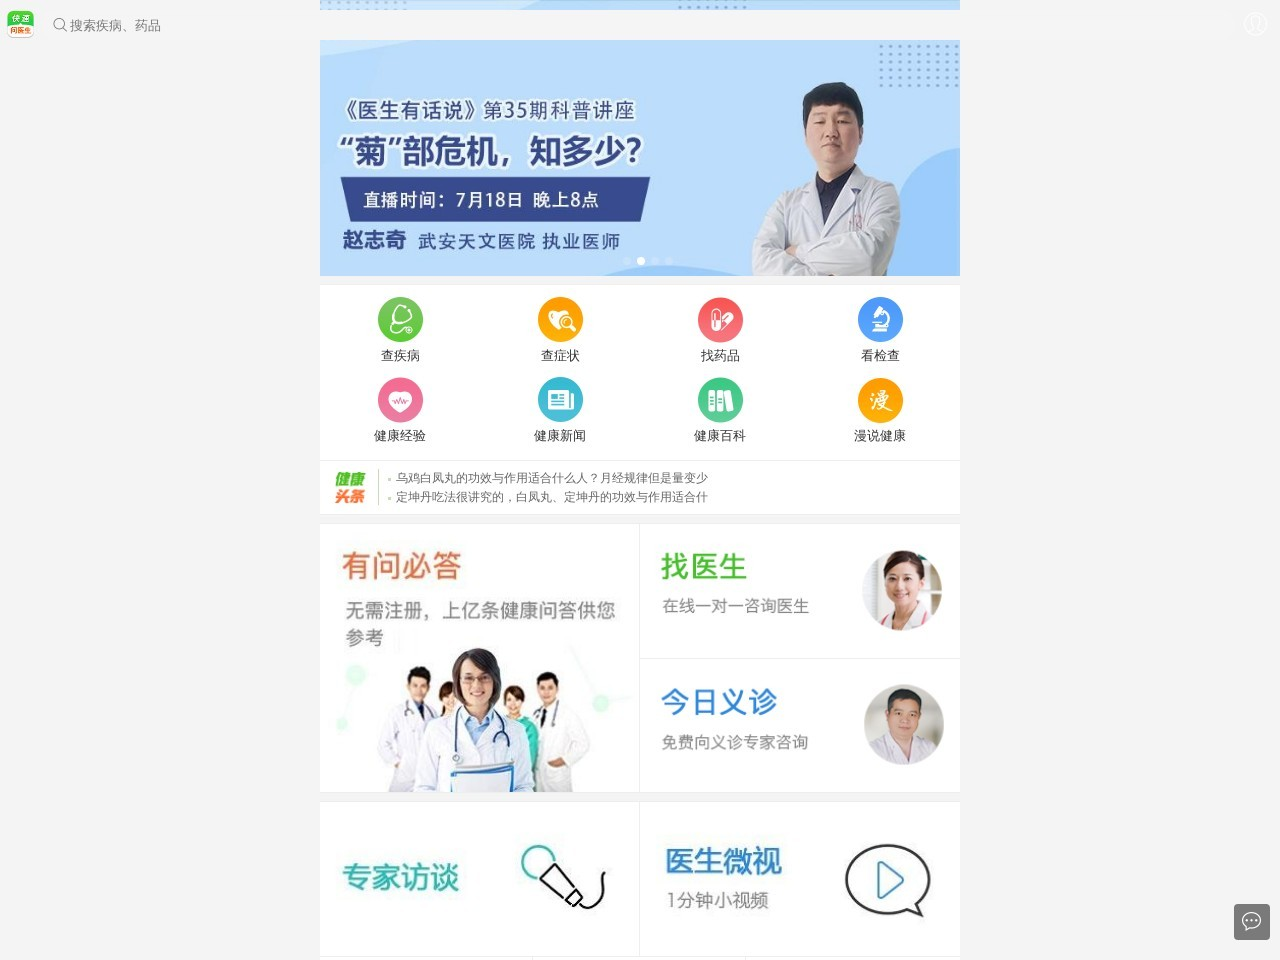 快速问医生_健康问题免费在线咨询专家医生_有问必答网